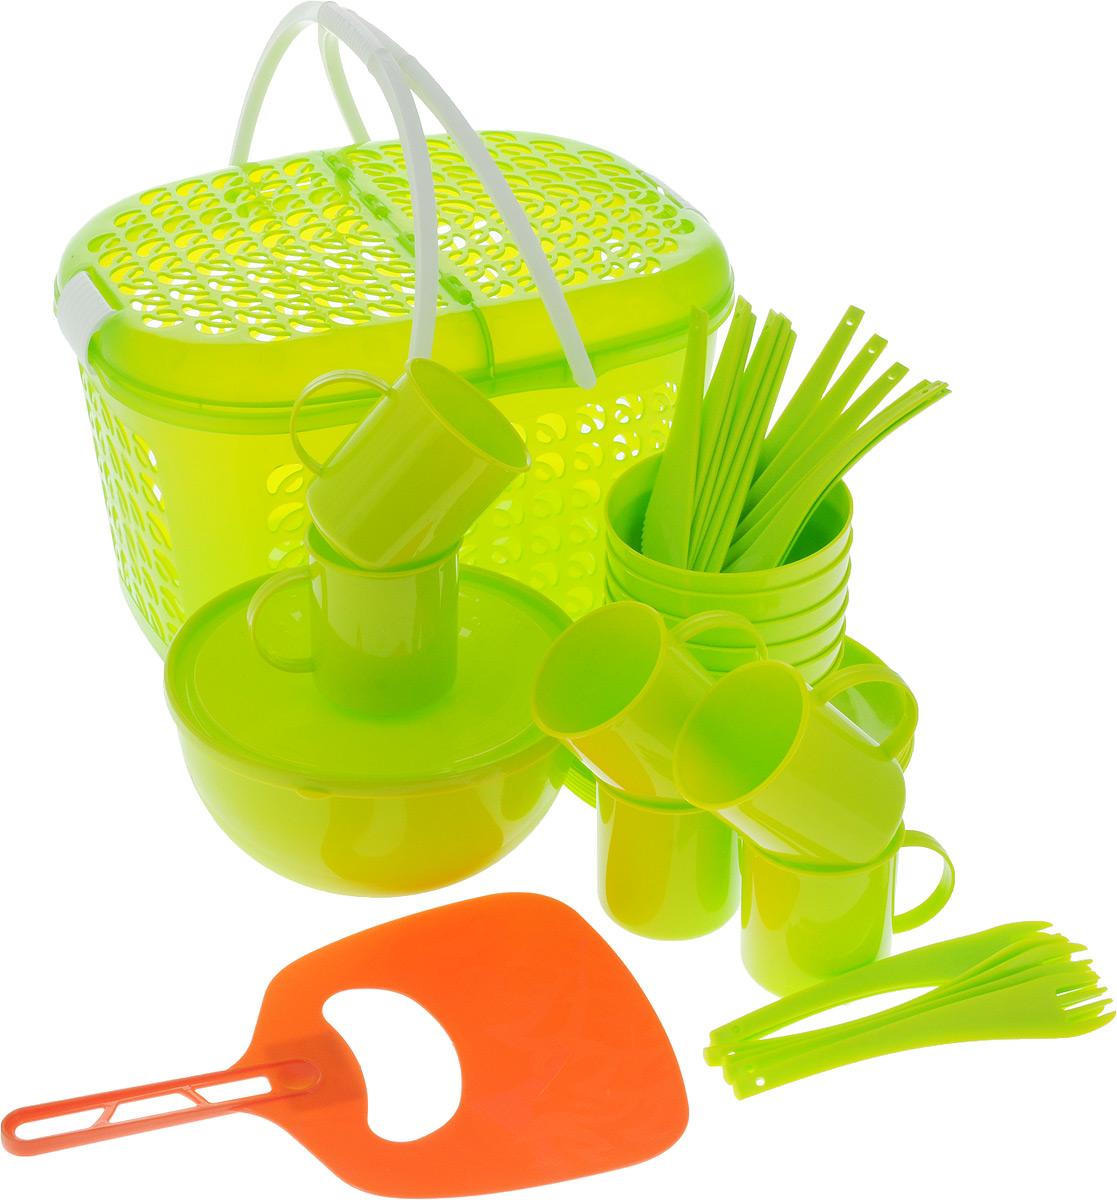 Набор для пикника Plastic repablic, 40 предметовТДД25562Набор для пикника Plastic repablic предназначен на 6 персон. Изделия выполнены из высококачественного пищевого пластика. Изделия удобно располагаются в корзине- переноске в которой можно переносить или перевозить предметы. Корзина-переноска «Galaxy» позволит вместить не только сам набор, но и еду для пикника. Набор для пикника обеспечит полноценный отдых на природе для большой компании или семьи. В набор входят: - корзина-переноска - размеры (с учетом крышки) 22 x 19 x 37 см; - салатник - объем 2,5 л, диаметр (по верхнему краю) 21 см, высота стенки 10 см; - крышка - диаметр 21 см; - 6 мисок - диаметр (по верхнему краю) 12,2 см, высота стенки 6 см; - 6 тарелок - диаметр 20,5 см, высота стенки 1 см; - 6 кружек - объем 300 мл, диаметр (по верхнему краю) 7,5 см, высота 8 см; - 6 вилок - длина 19 см; - 6 ложек - длина 19 см; - 6 ножей - длина 19 см; - веер для раздува мангала - размеры 30,5 x 20 см.